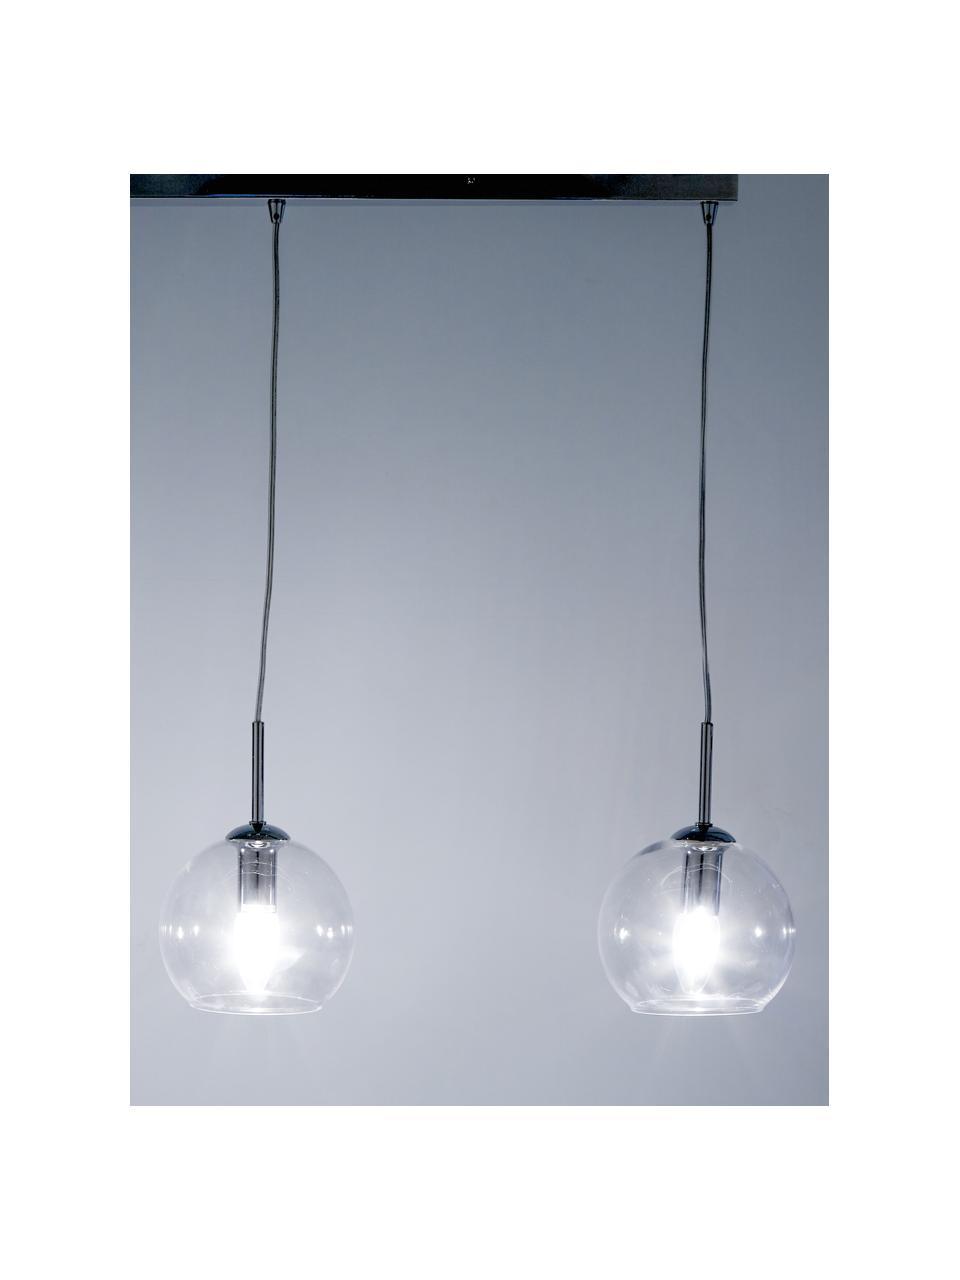 Lampada a sospensione argentata Hamilton, Paralume: vetro, Struttura: metallo cromato, Baldacchino: metallo cromato, Trasparente, Larg. 81 x Alt. 13 cm